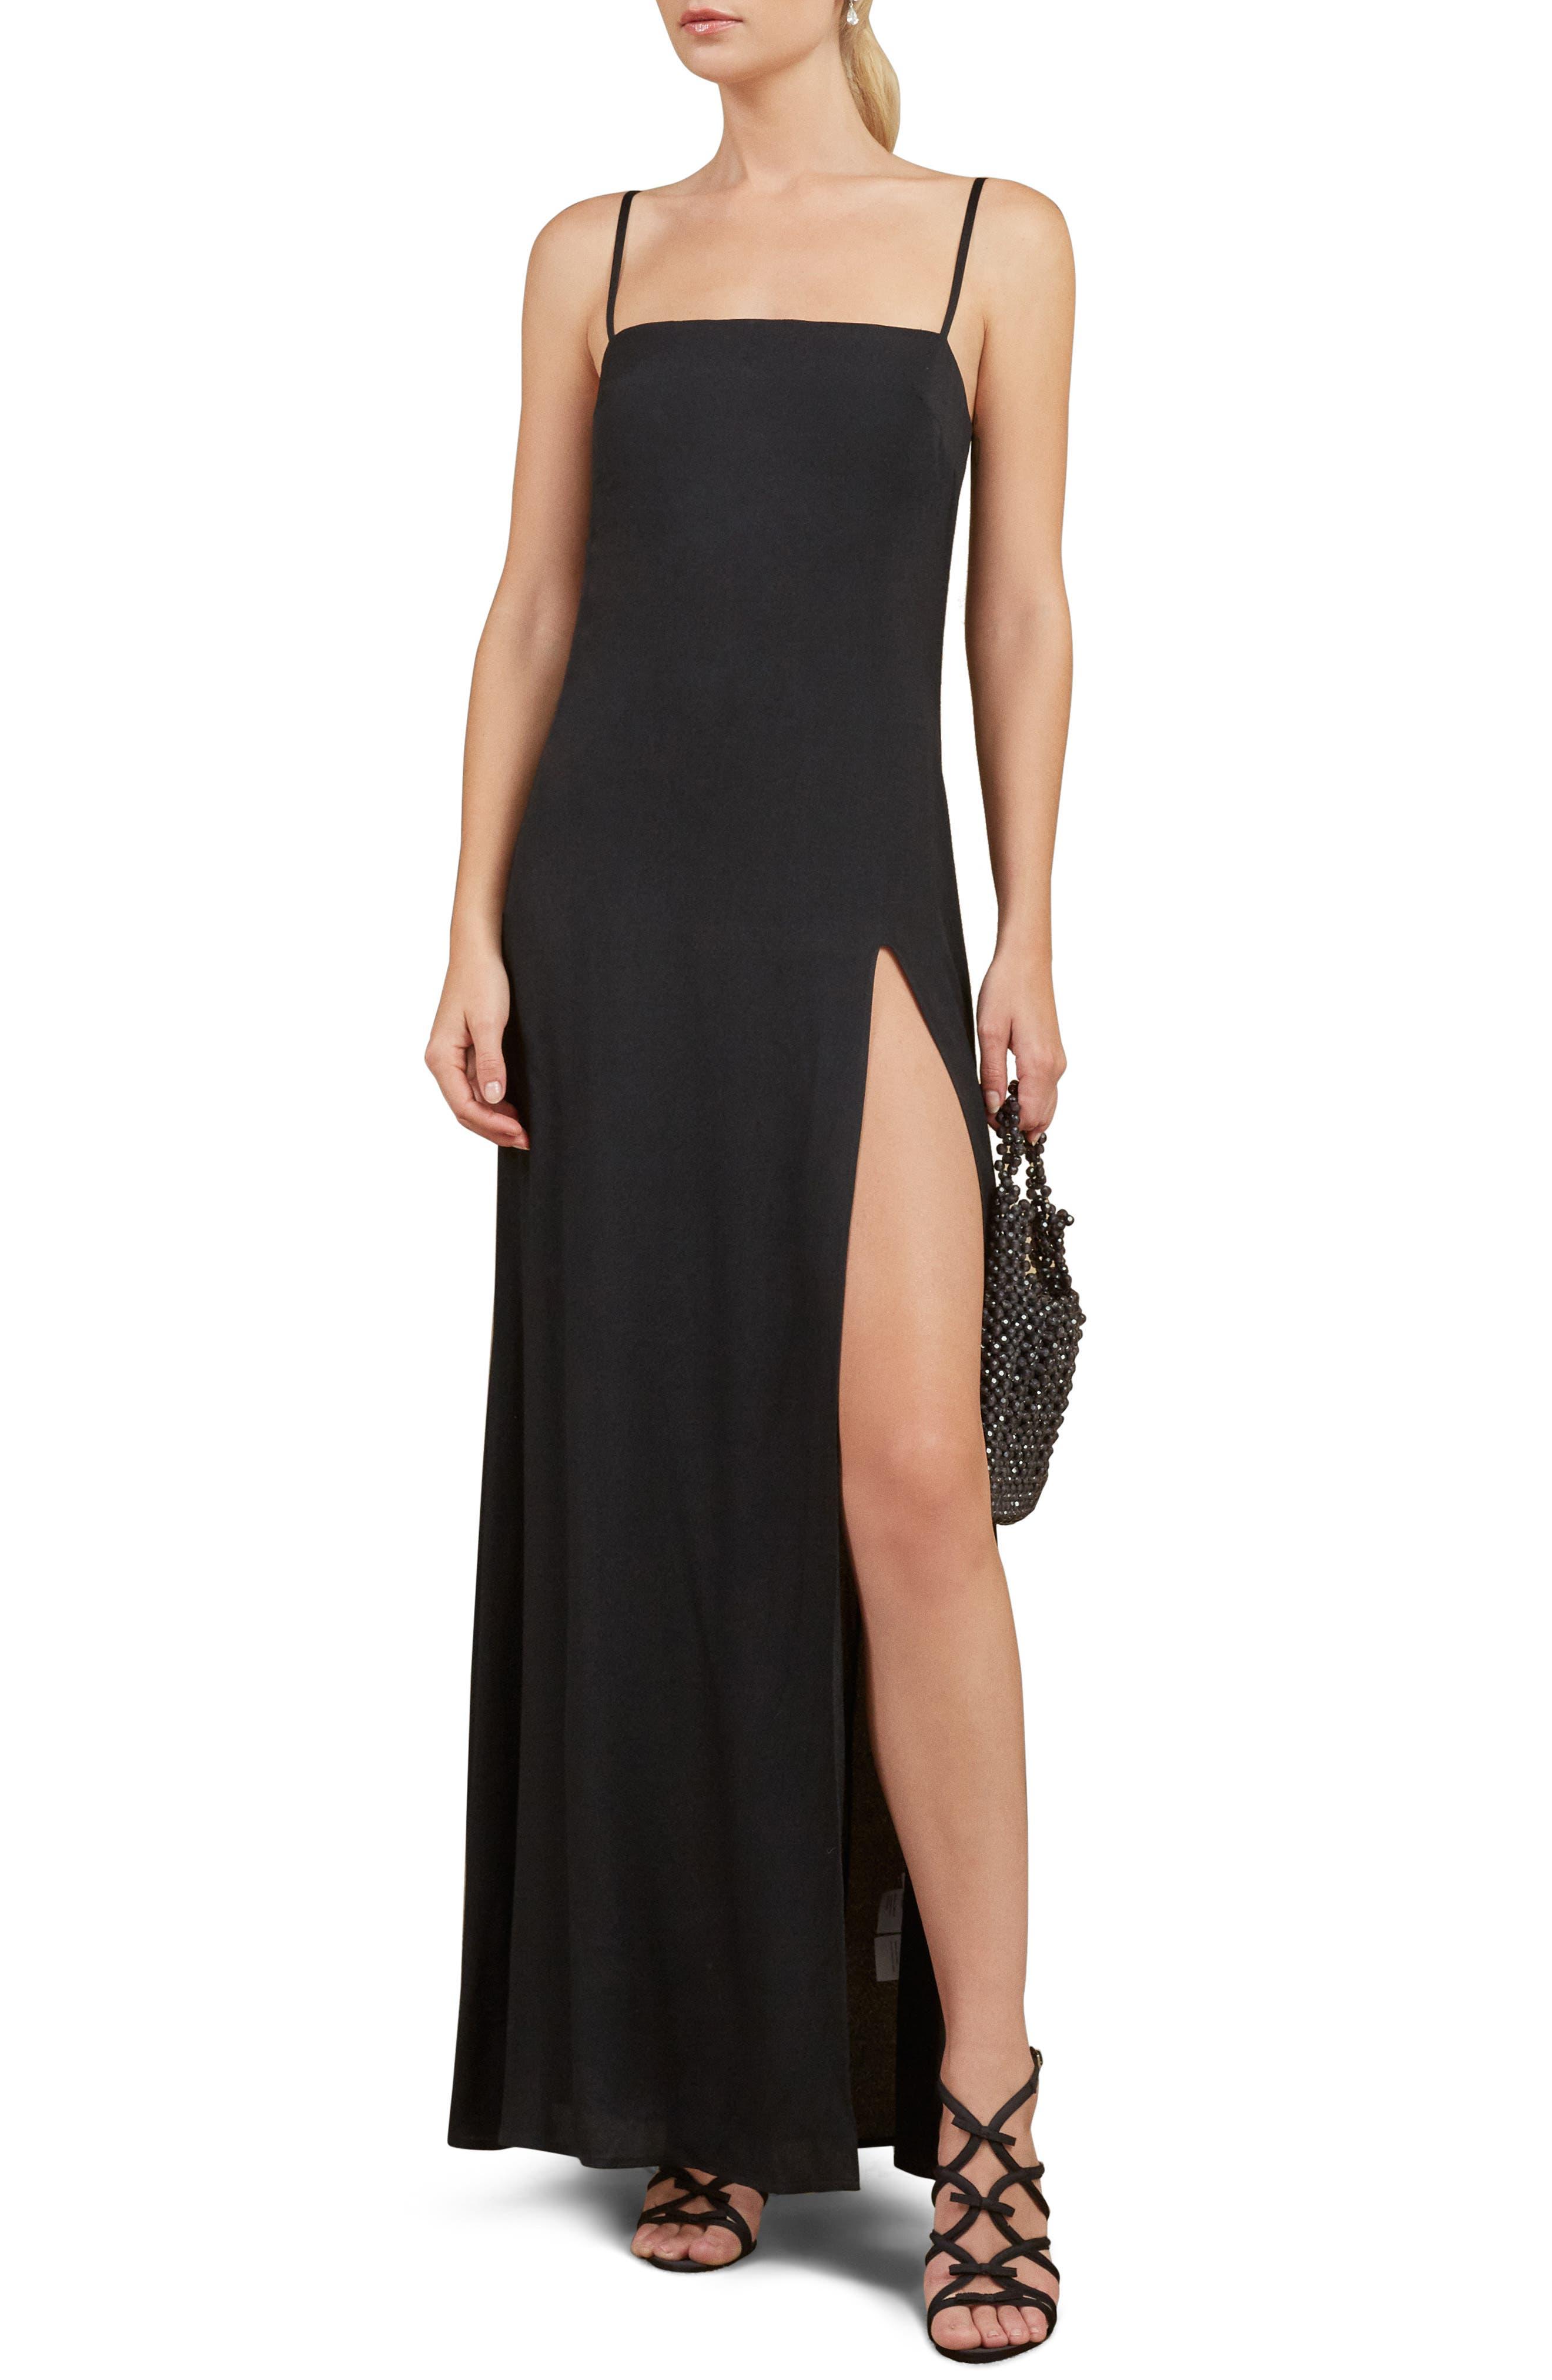 Keys Slit Maxi Dress,                             Main thumbnail 1, color,                             BLACK